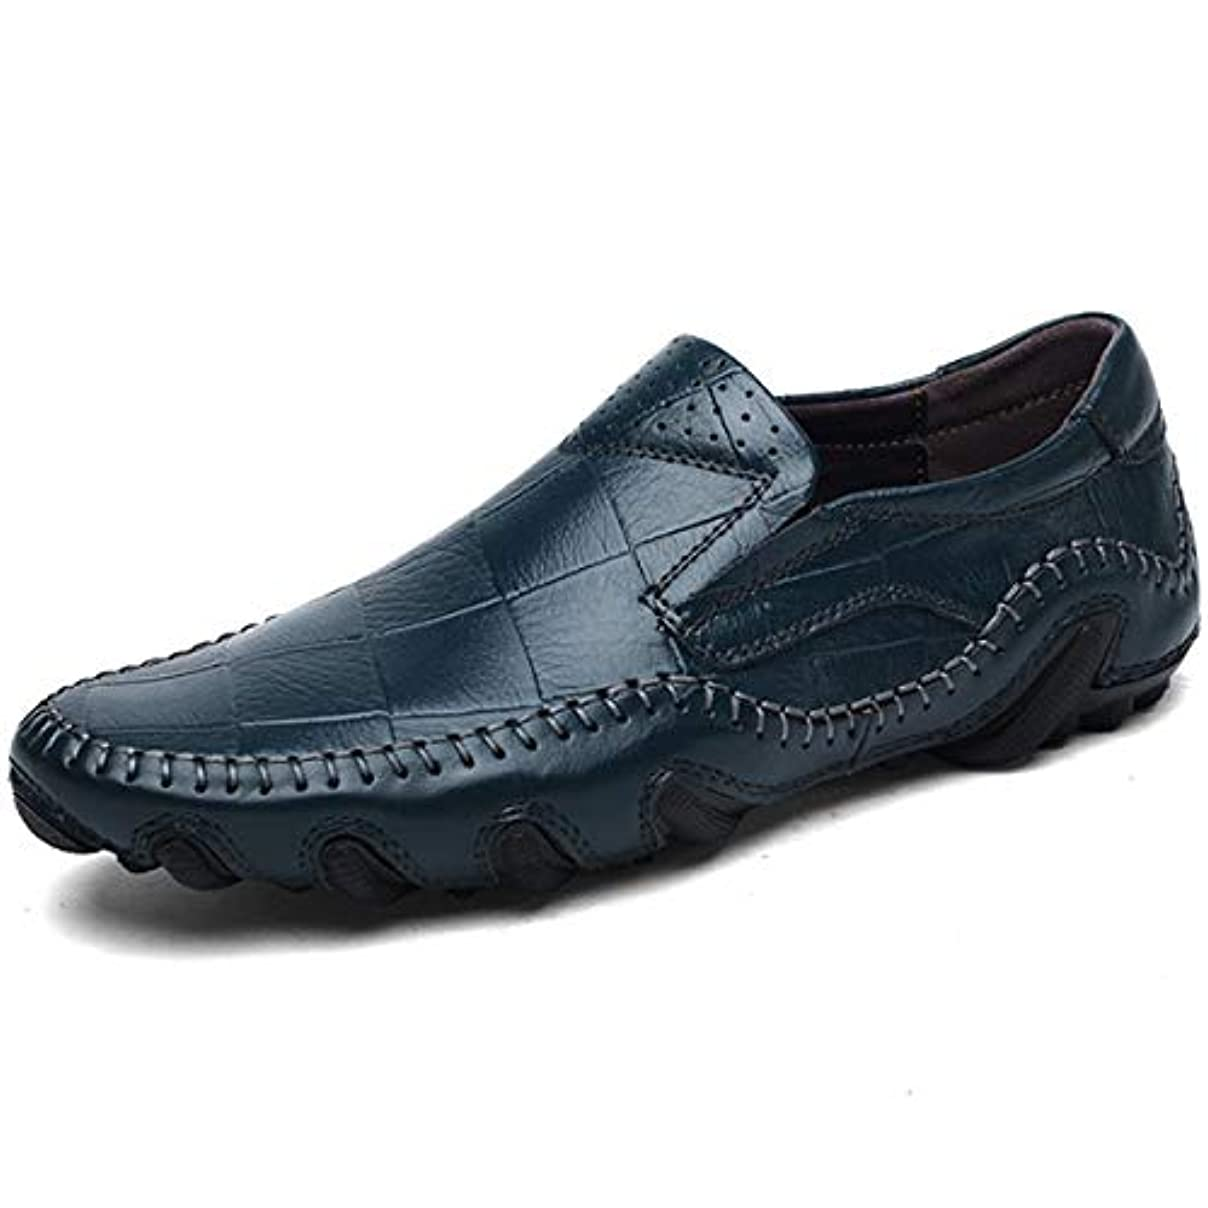 アクセスできない放棄花嫁[つるかめ]Turukame カジュアルシューズ ドライビングシューズ ピーズの靴 革靴 メンズ 牛革 防滑 軽量 手作り スリッポン フラット 純色 イギリス風 就職面接 日常着用 四季